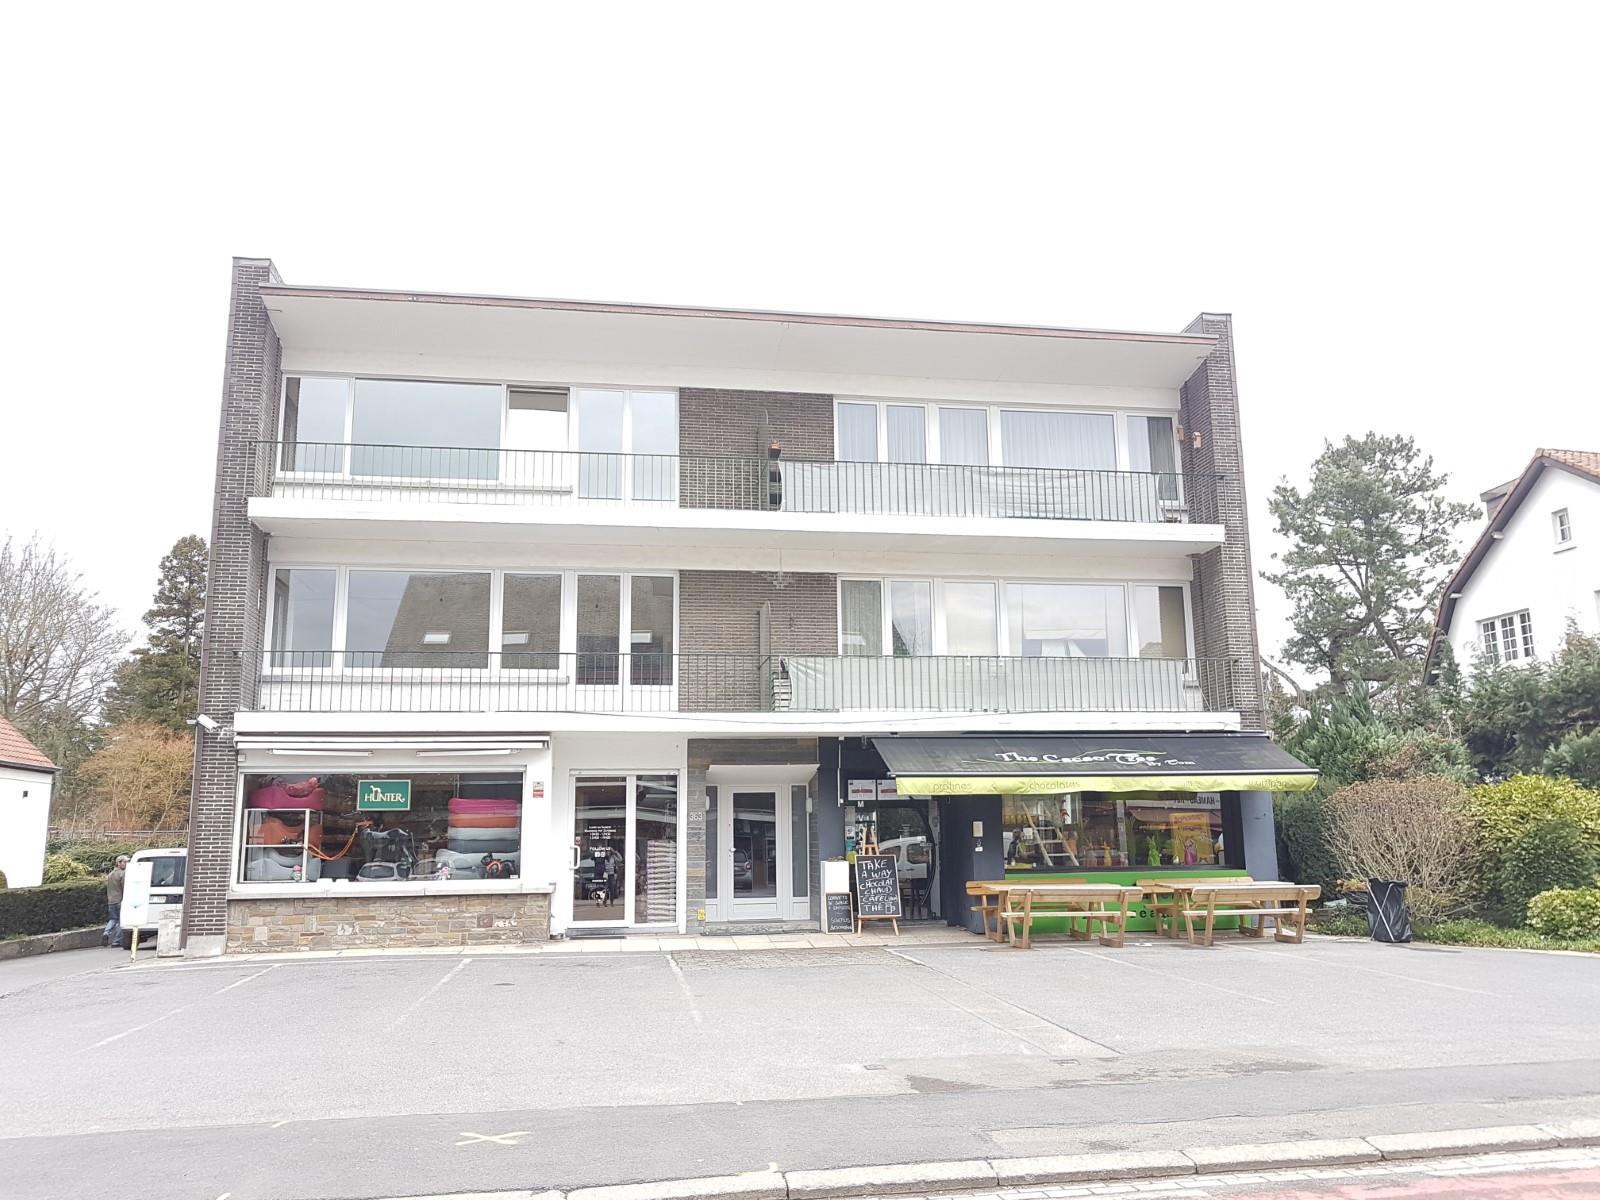 Appartement exceptionnel - Rhode-Saint-Genèse - #3704483-24